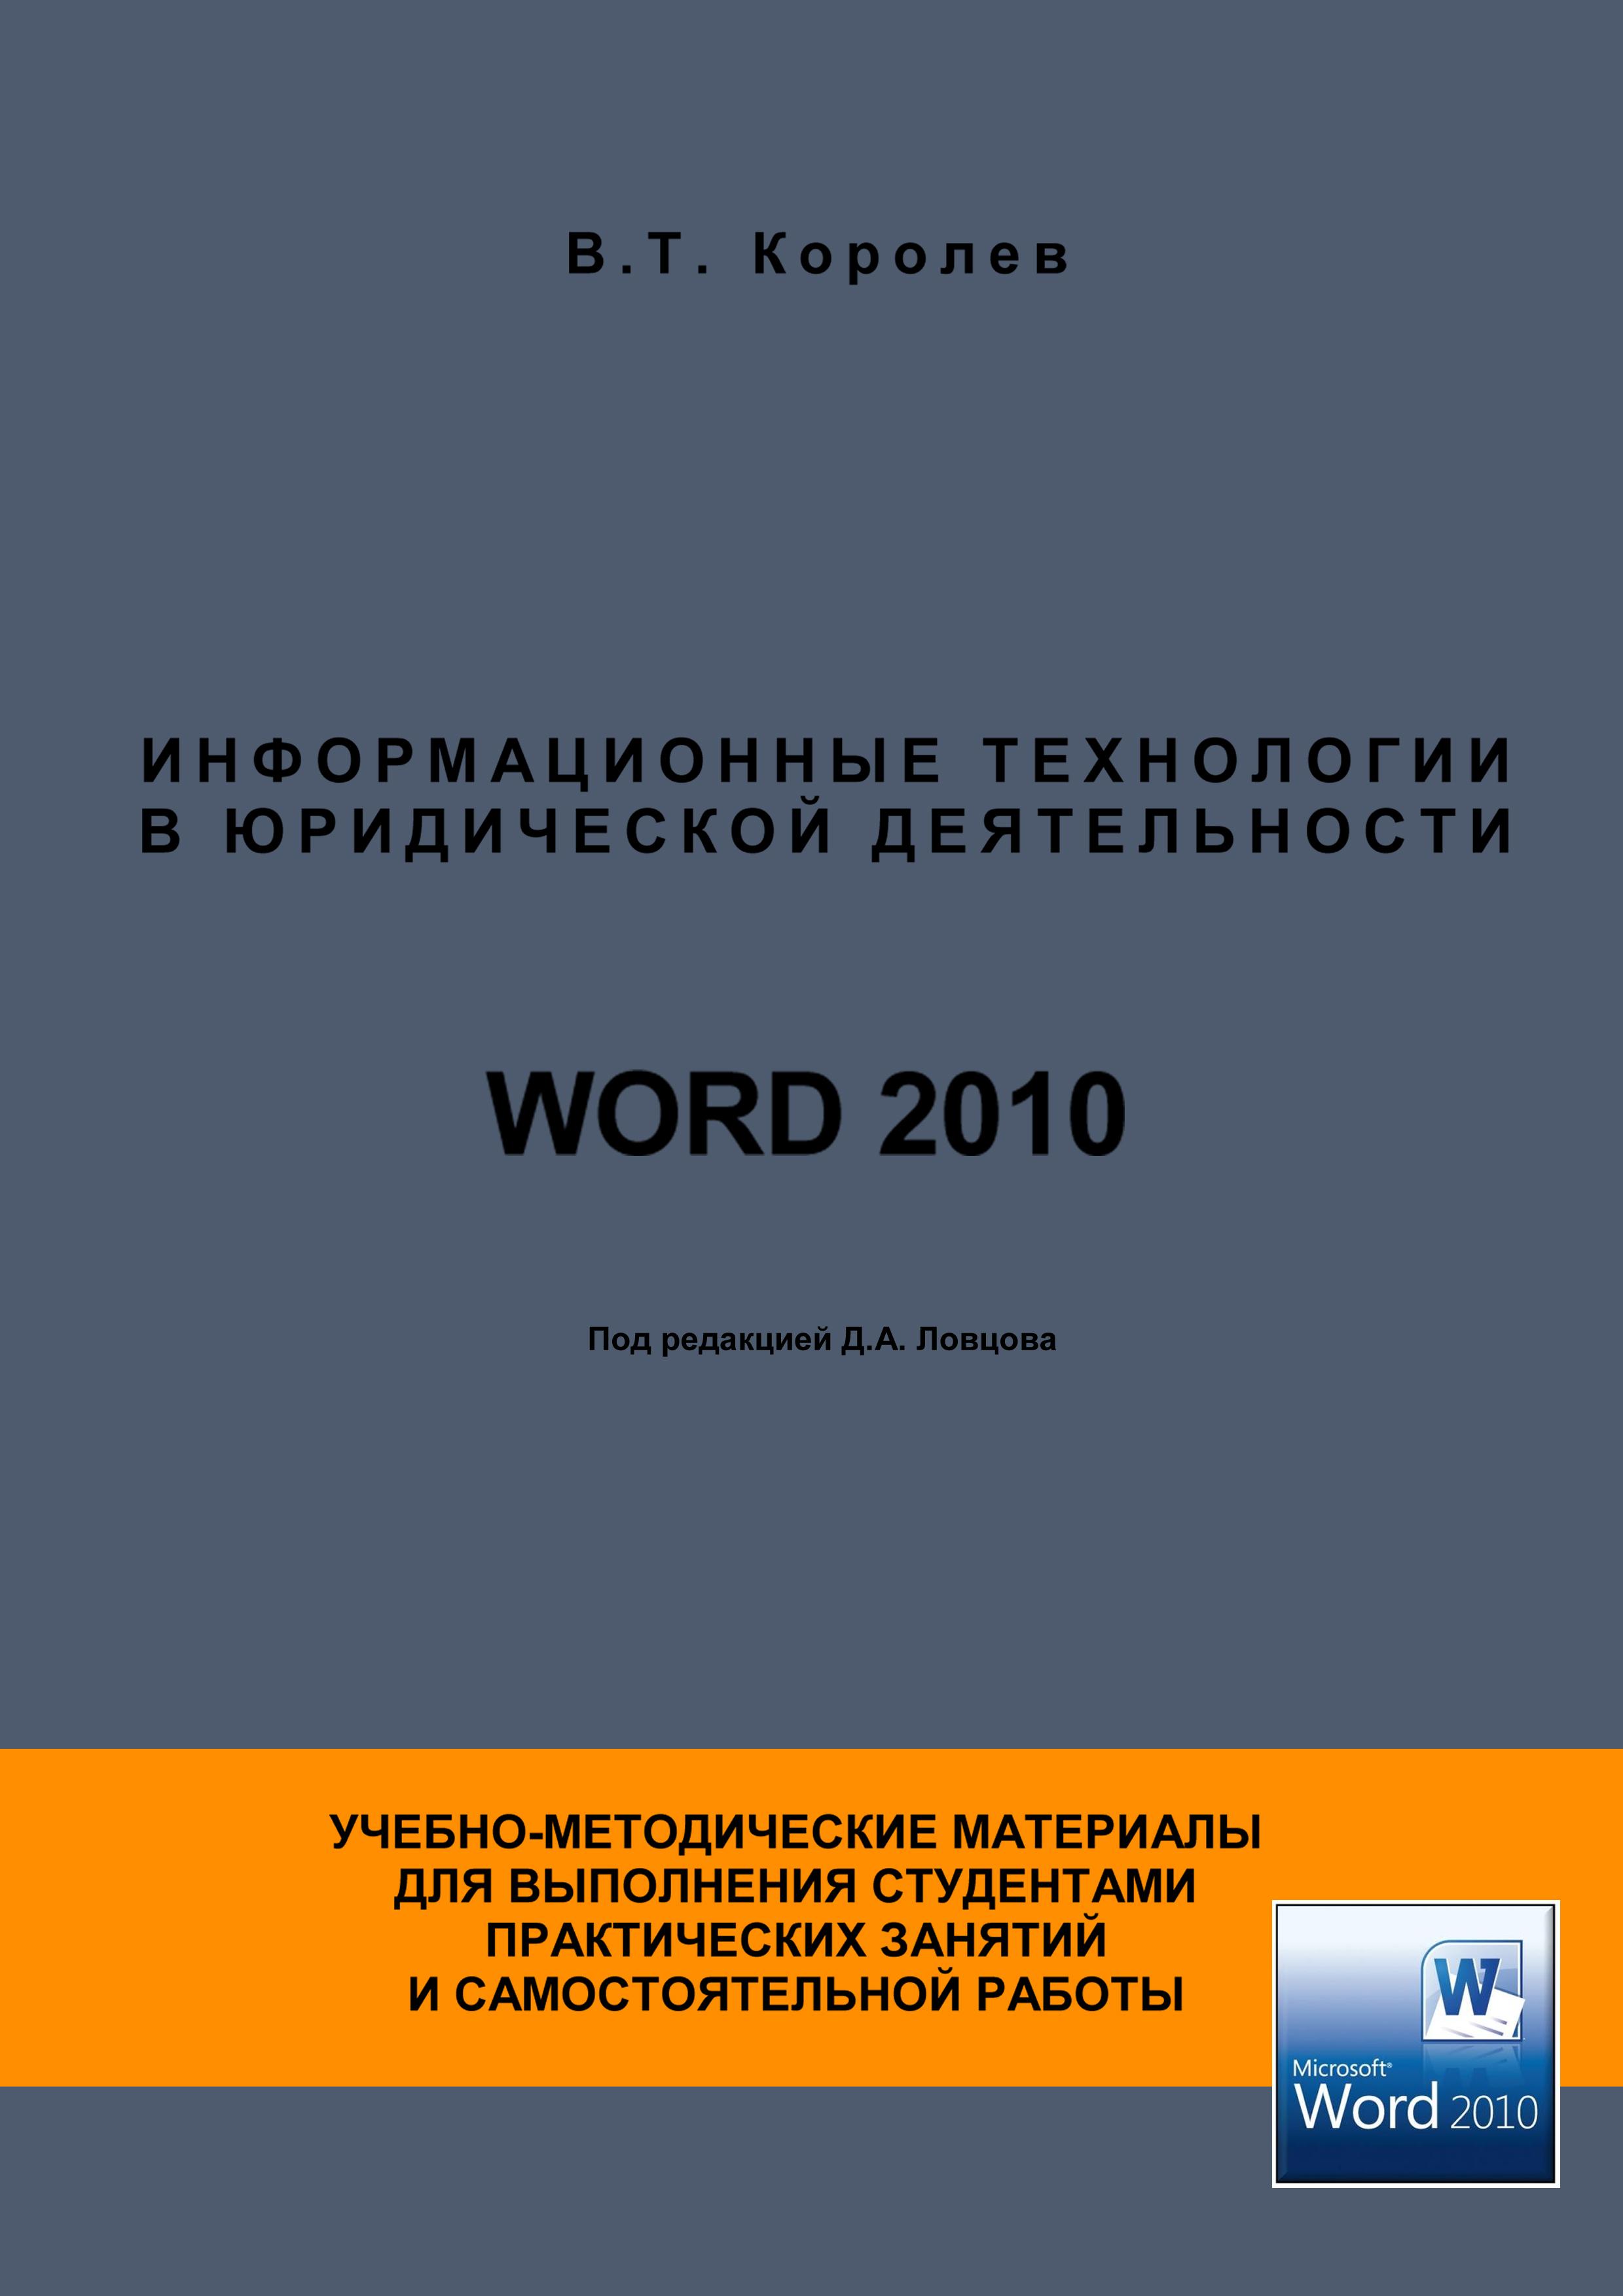 В. Т. Королёв Информационные технологии в юридической деятельности. WORD 2010